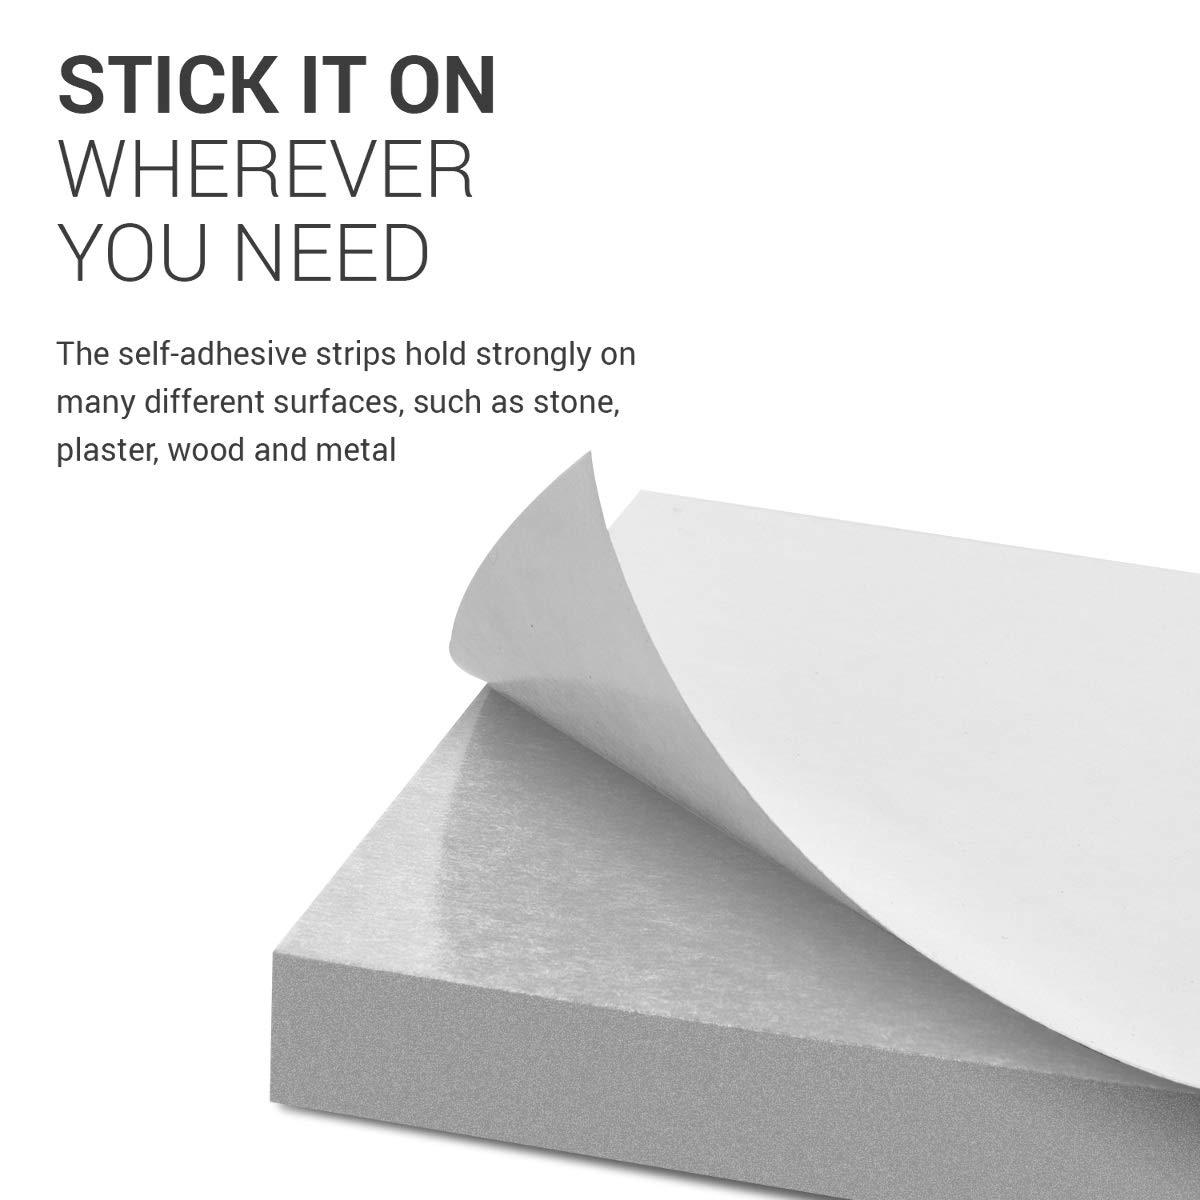 Blanc 4X Plaque Pare-Choc Porti/ère Voiture Bande Autocollante pour Mur 40 x 12 x 1,5 cm kwmobile Mousse Protection Garage